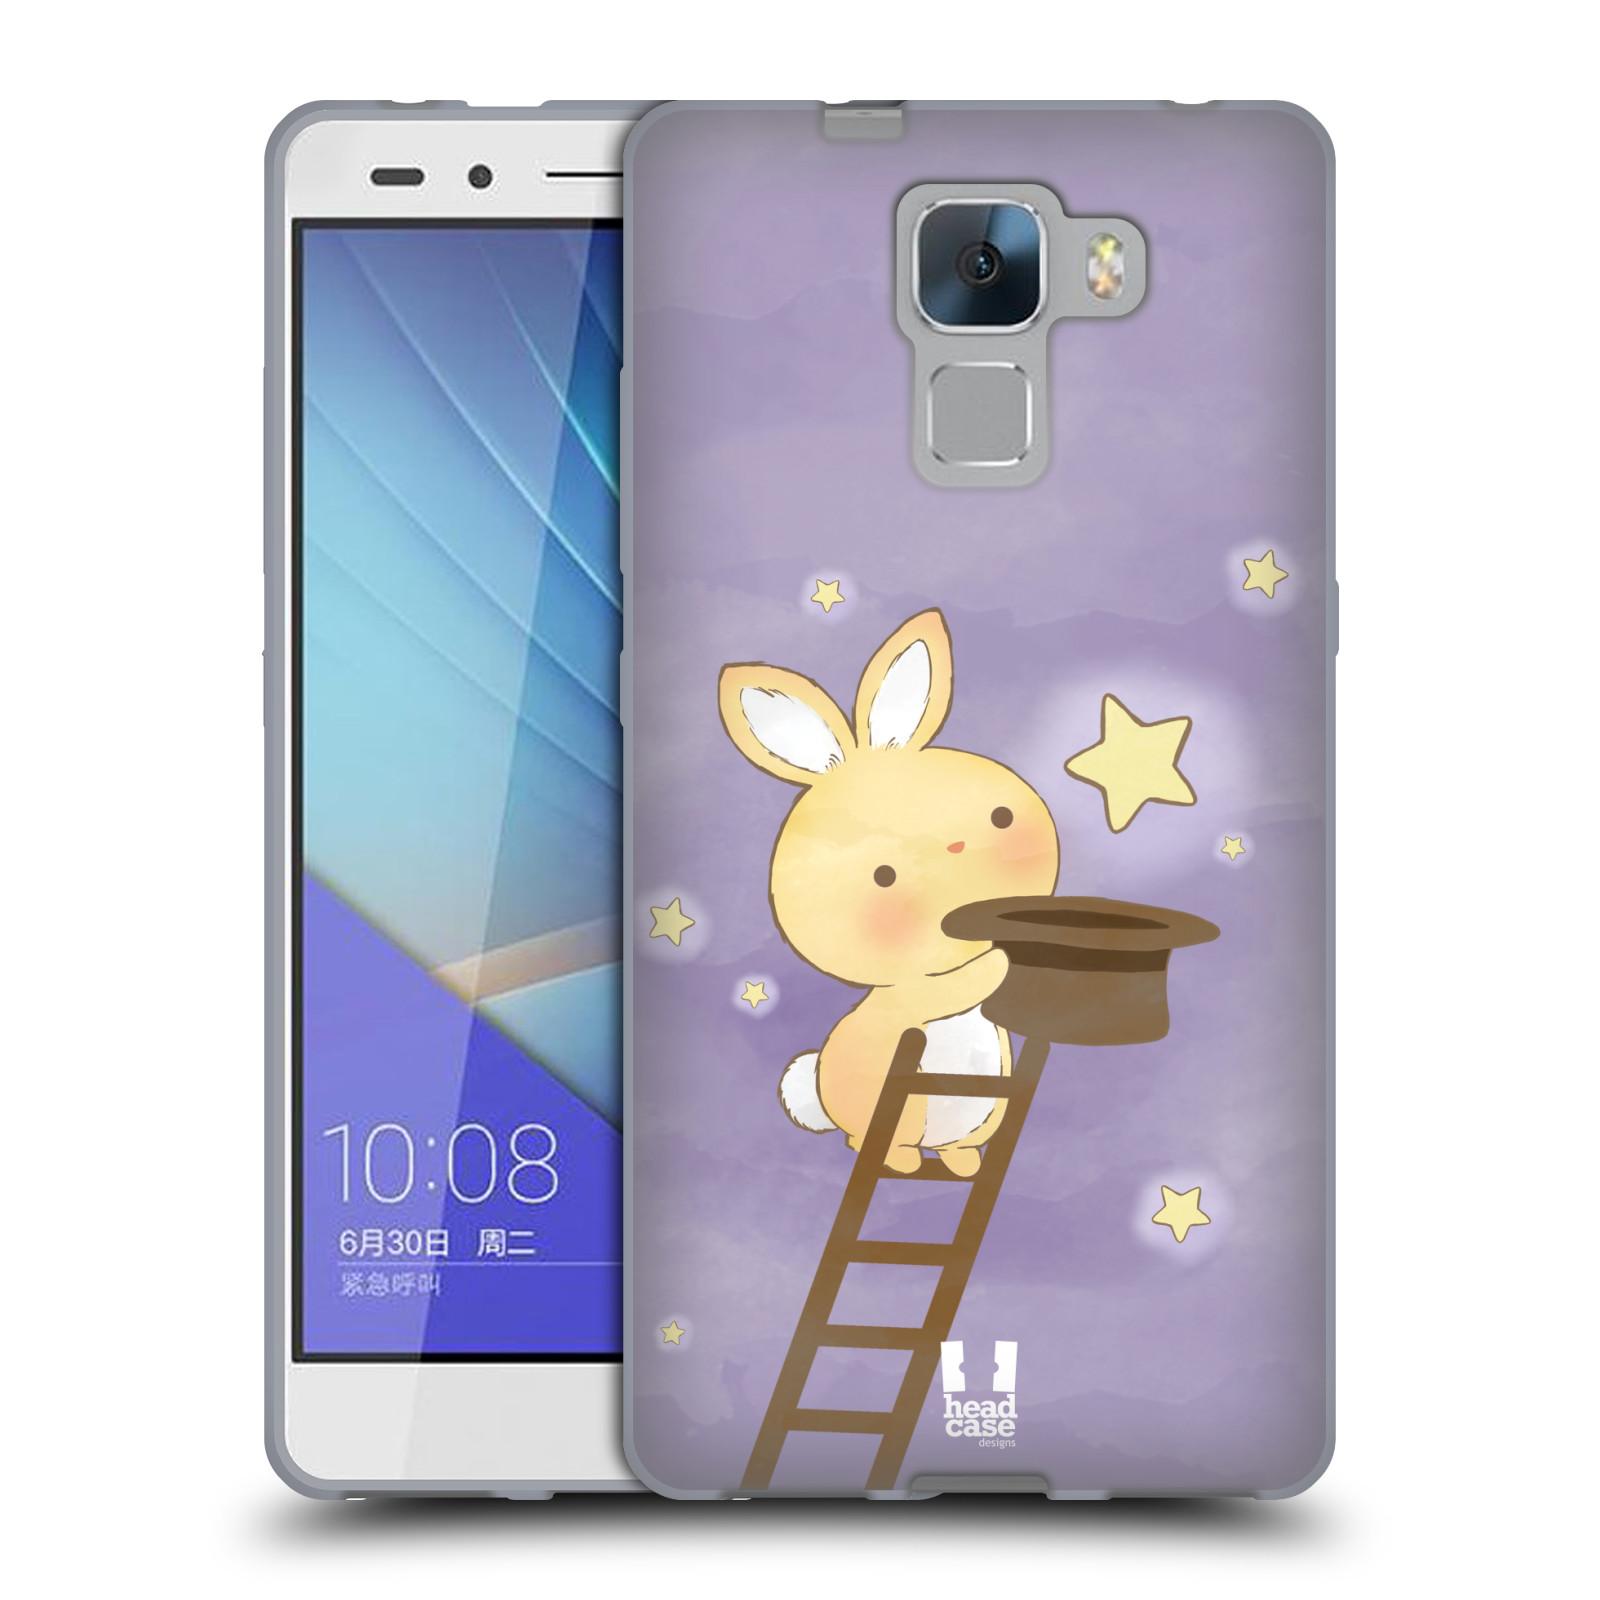 HEAD CASE silikonový obal na mobil HUAWEI HONOR 7 vzor králíček a hvězdy fialová